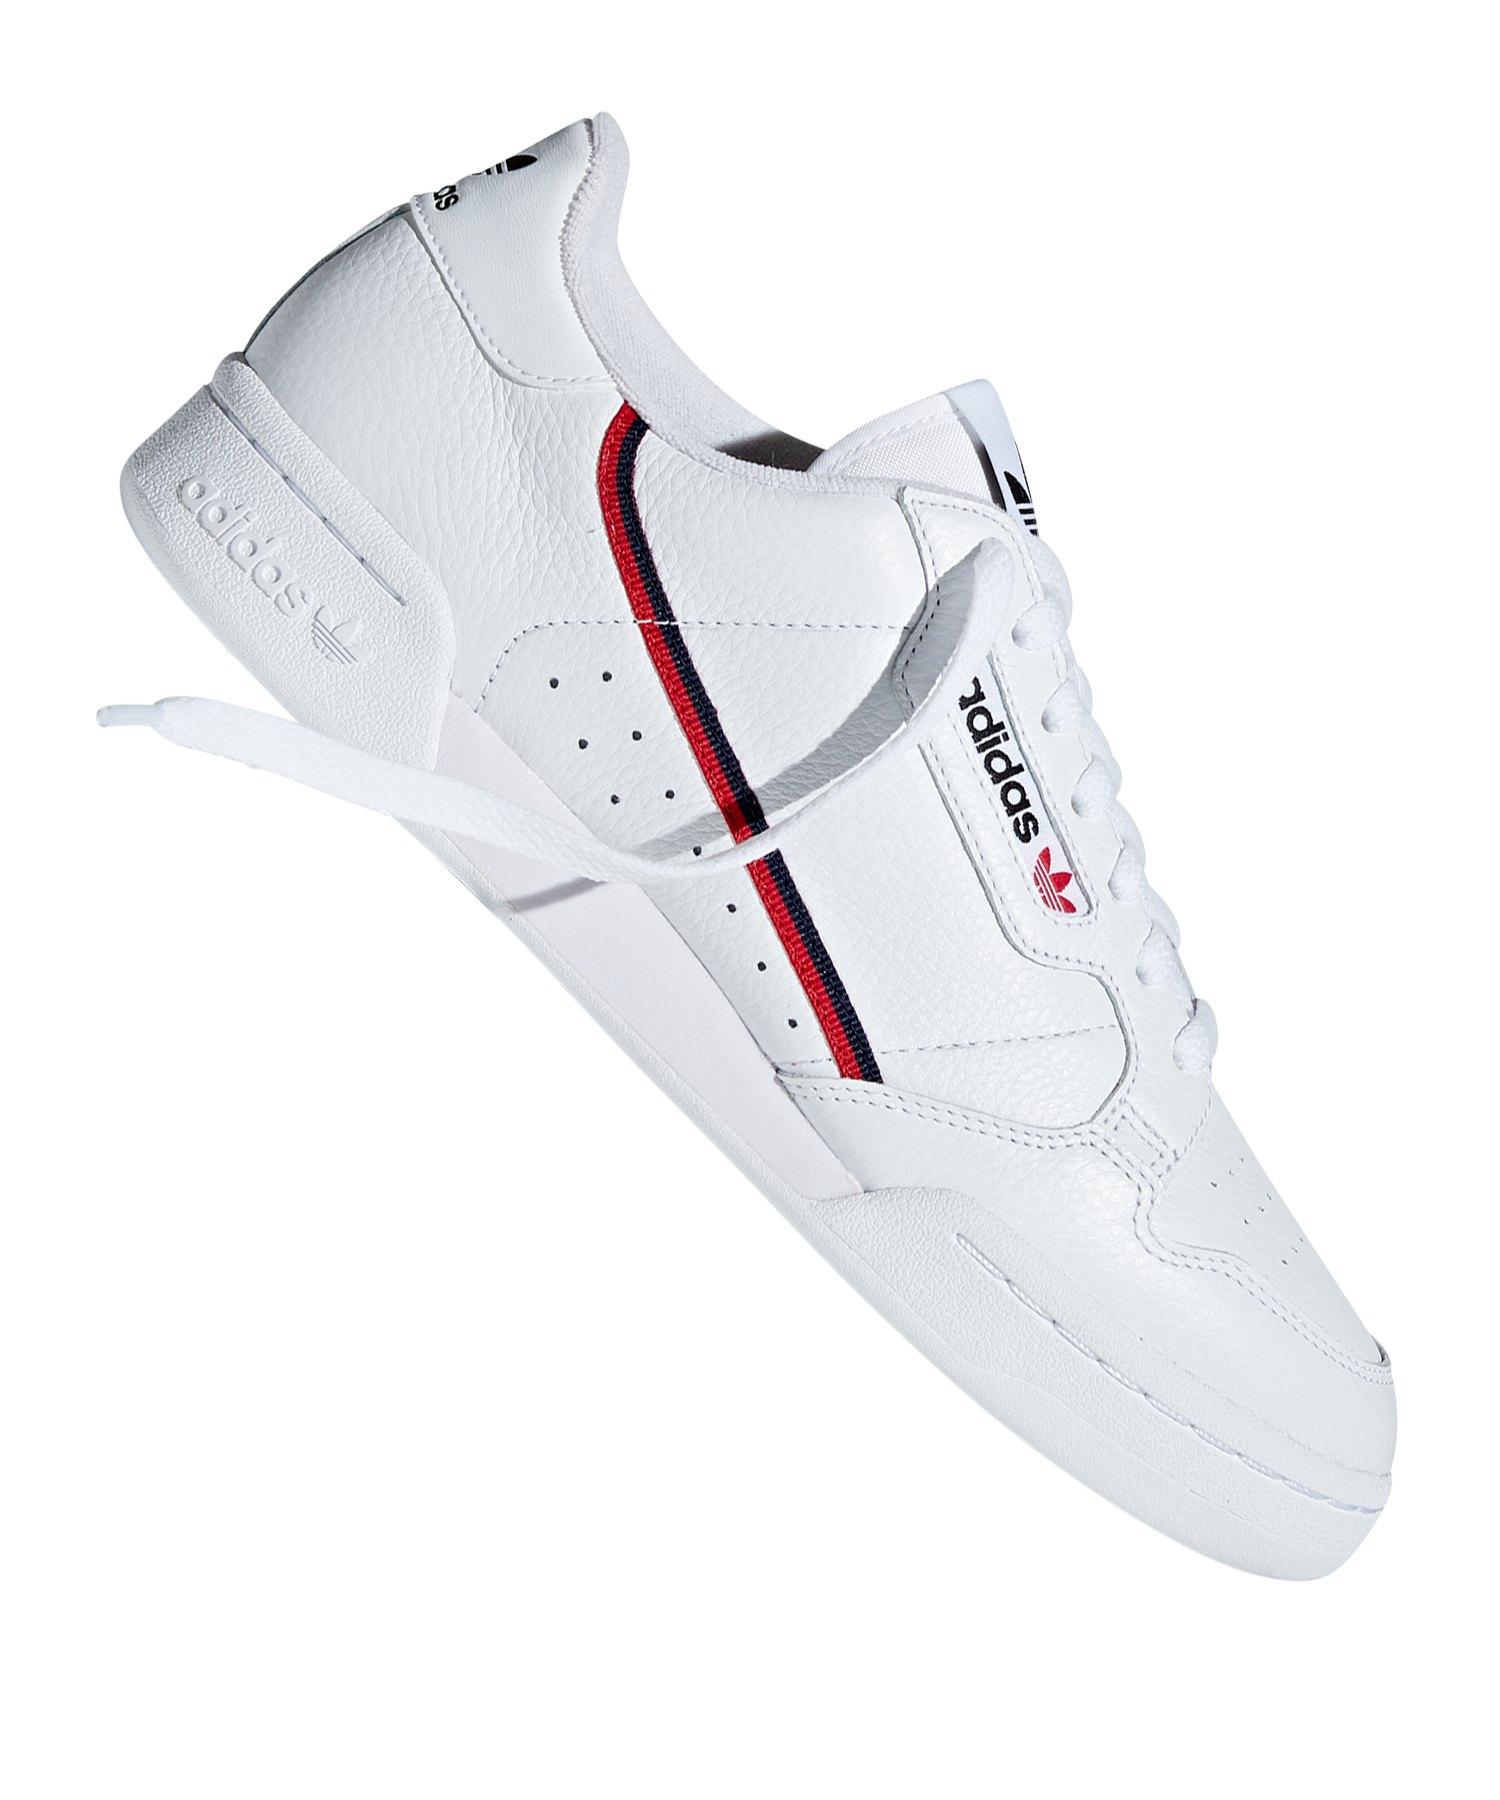 adidas Originals - Continental 80 - Sneaker in Schwarz und Weiß